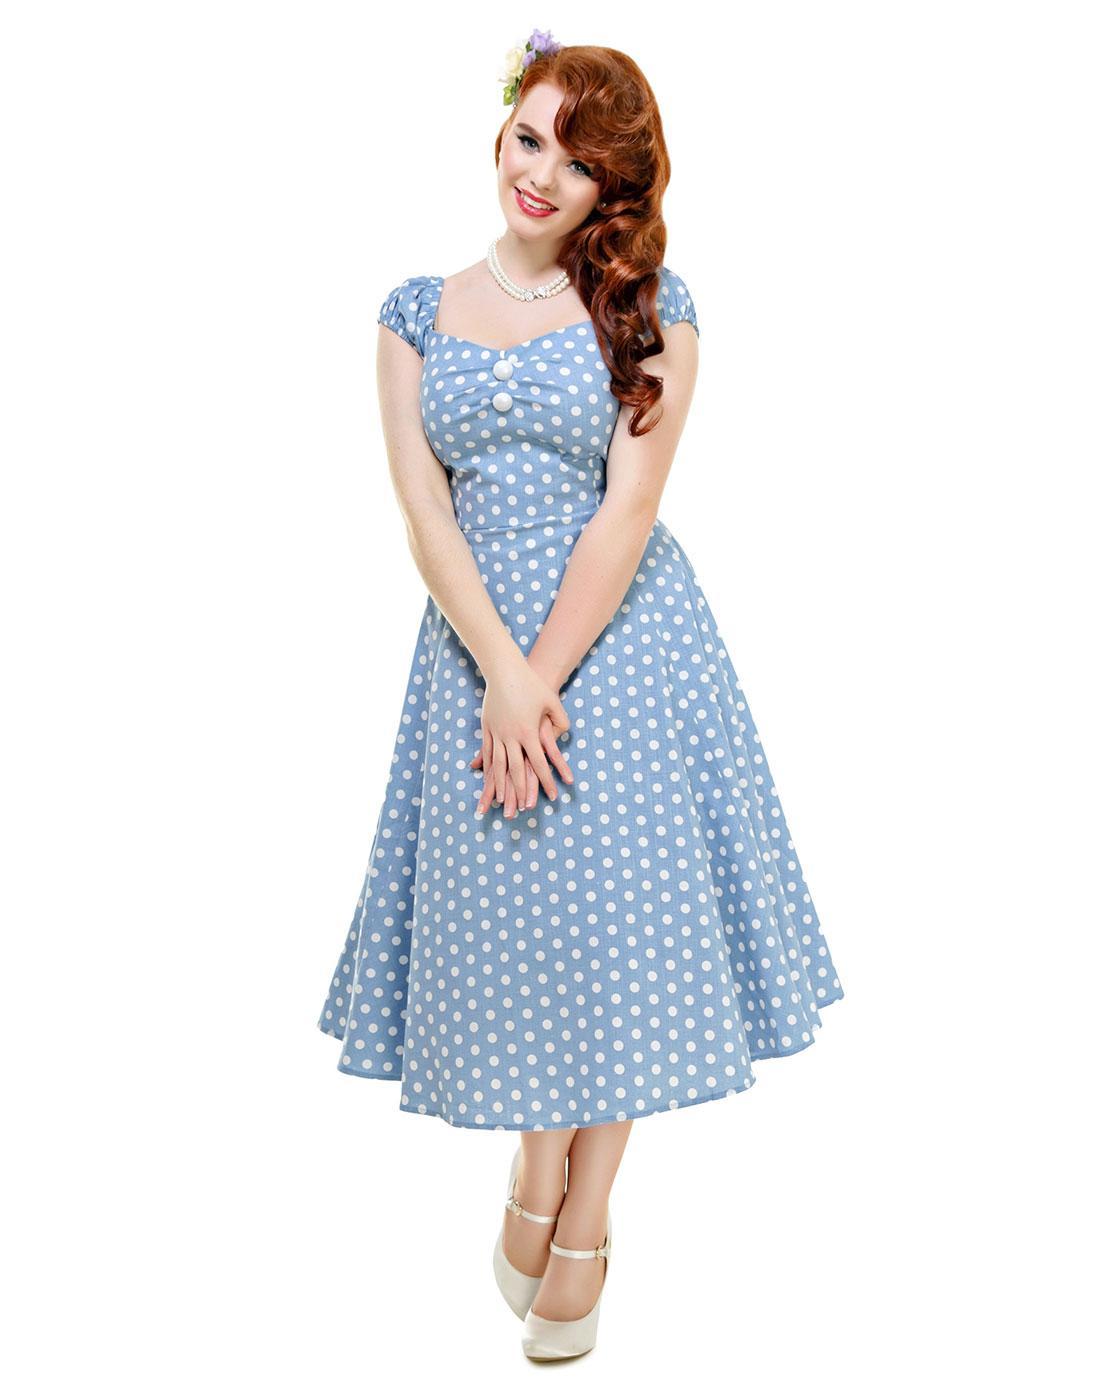 collectif dolores vintage polka dot doll dress dusky blue